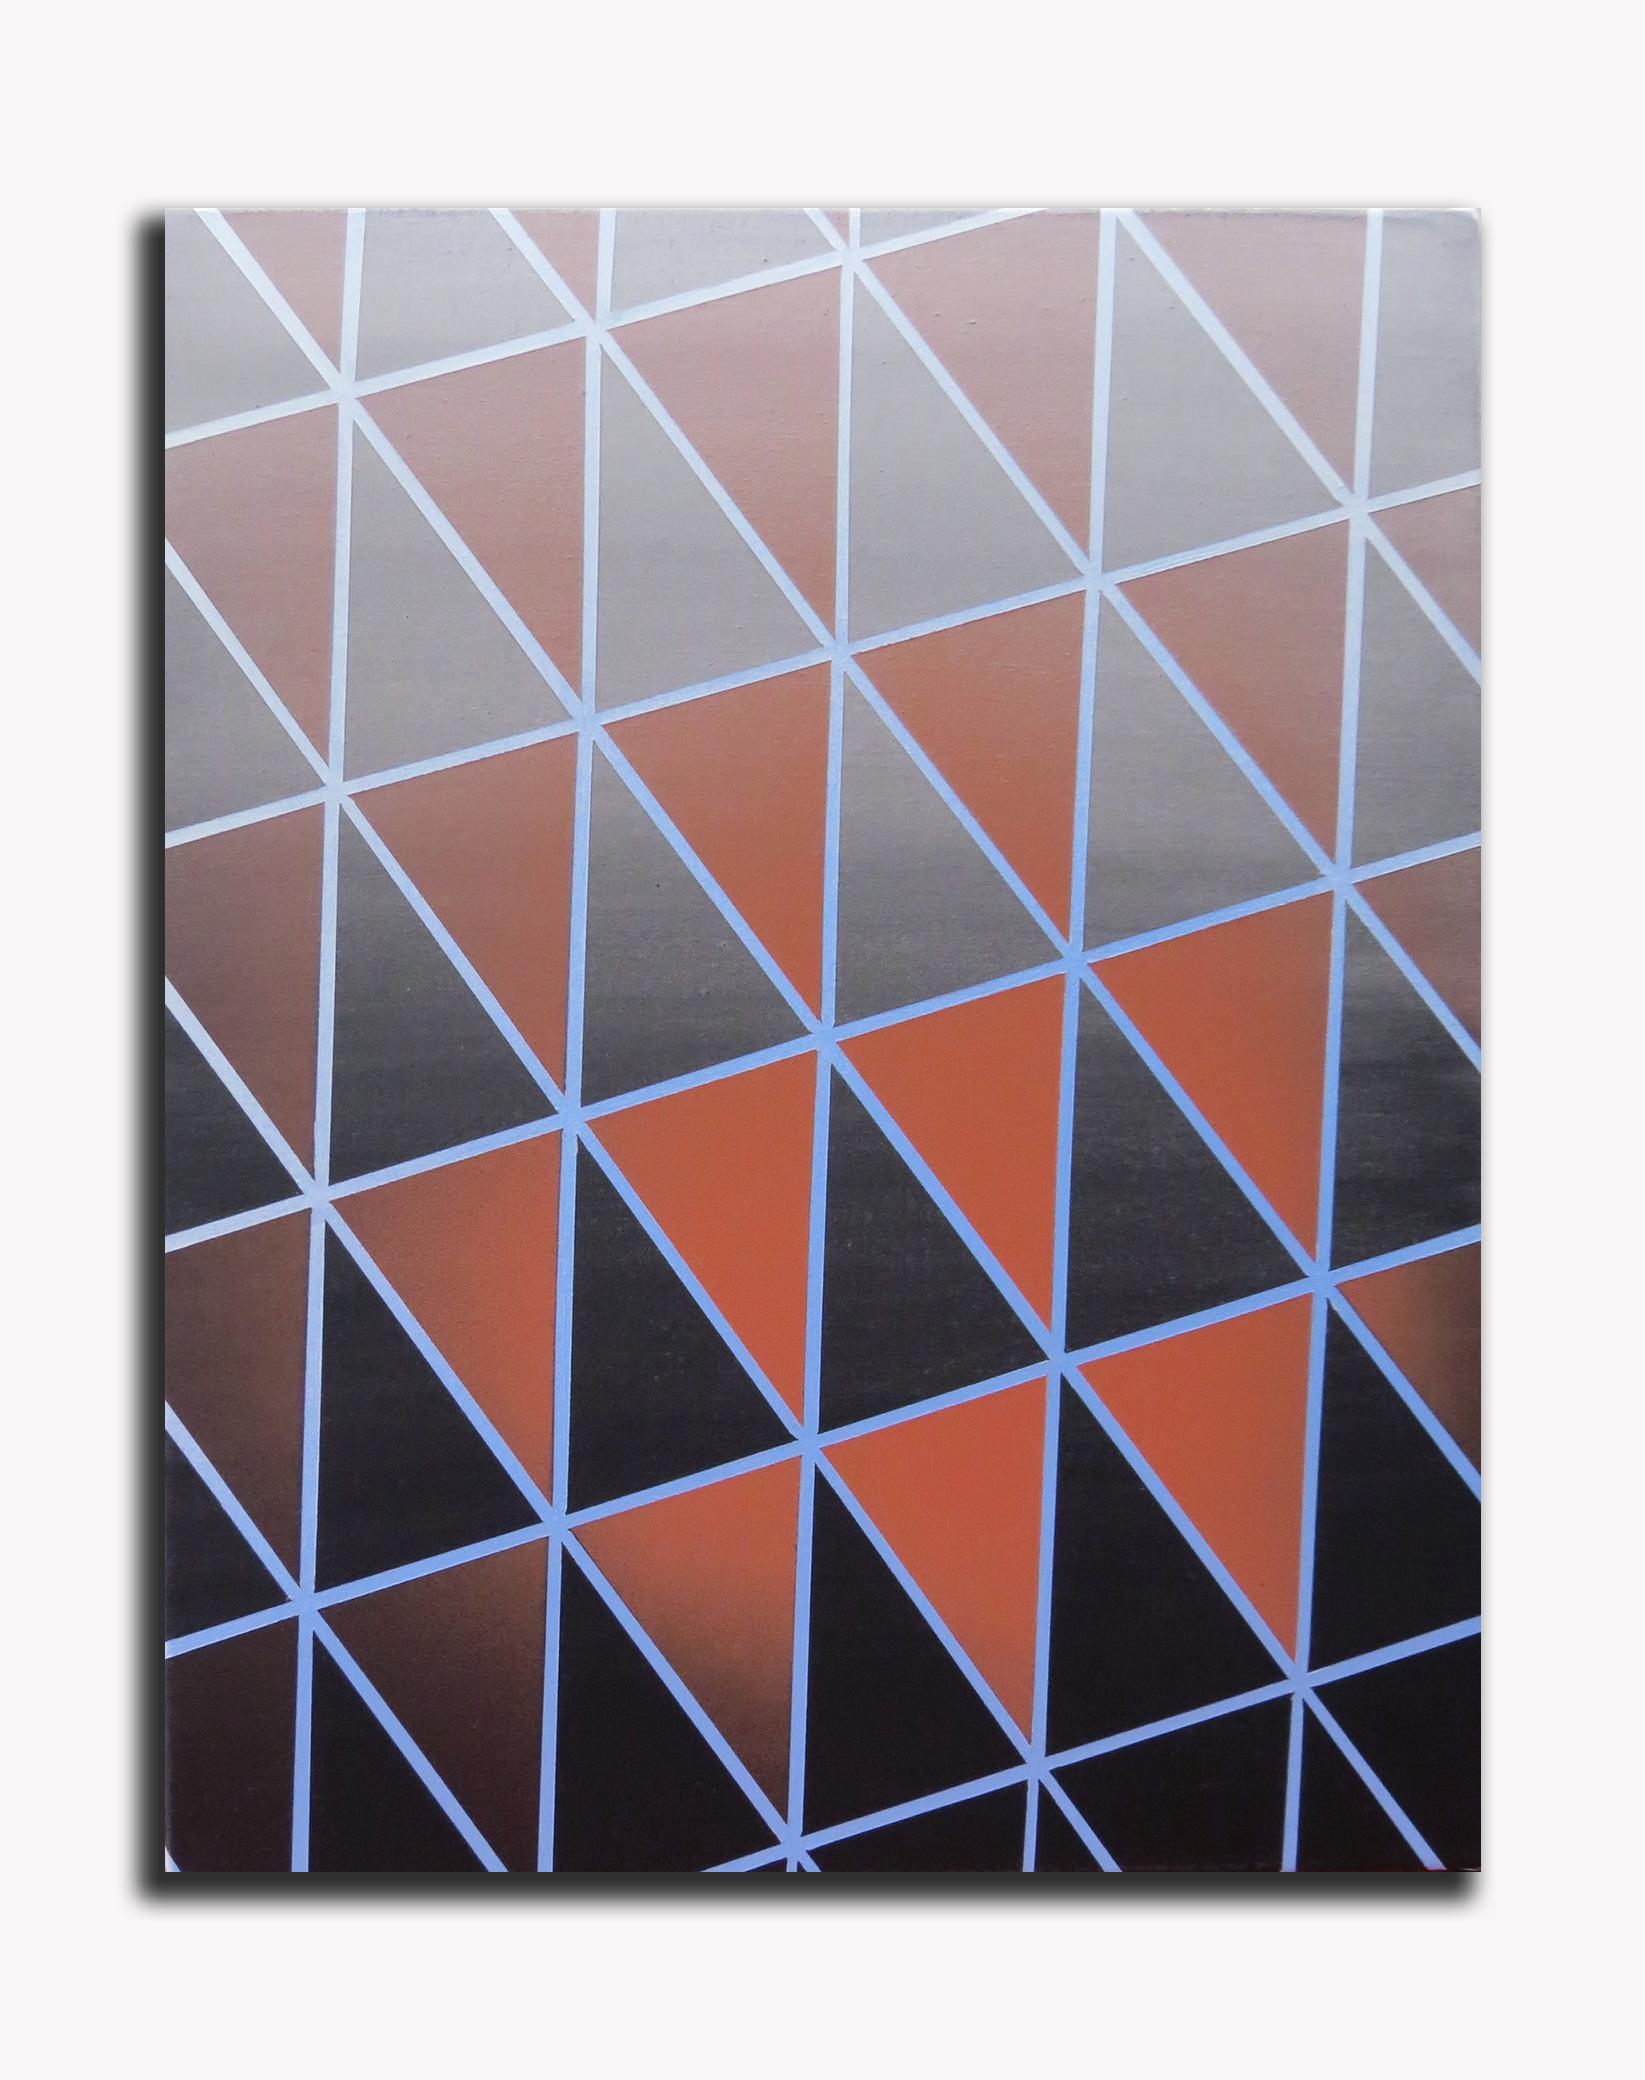 Oscillate #1, 40 x 50 cm, Acrylic on canvas 2016.jpg